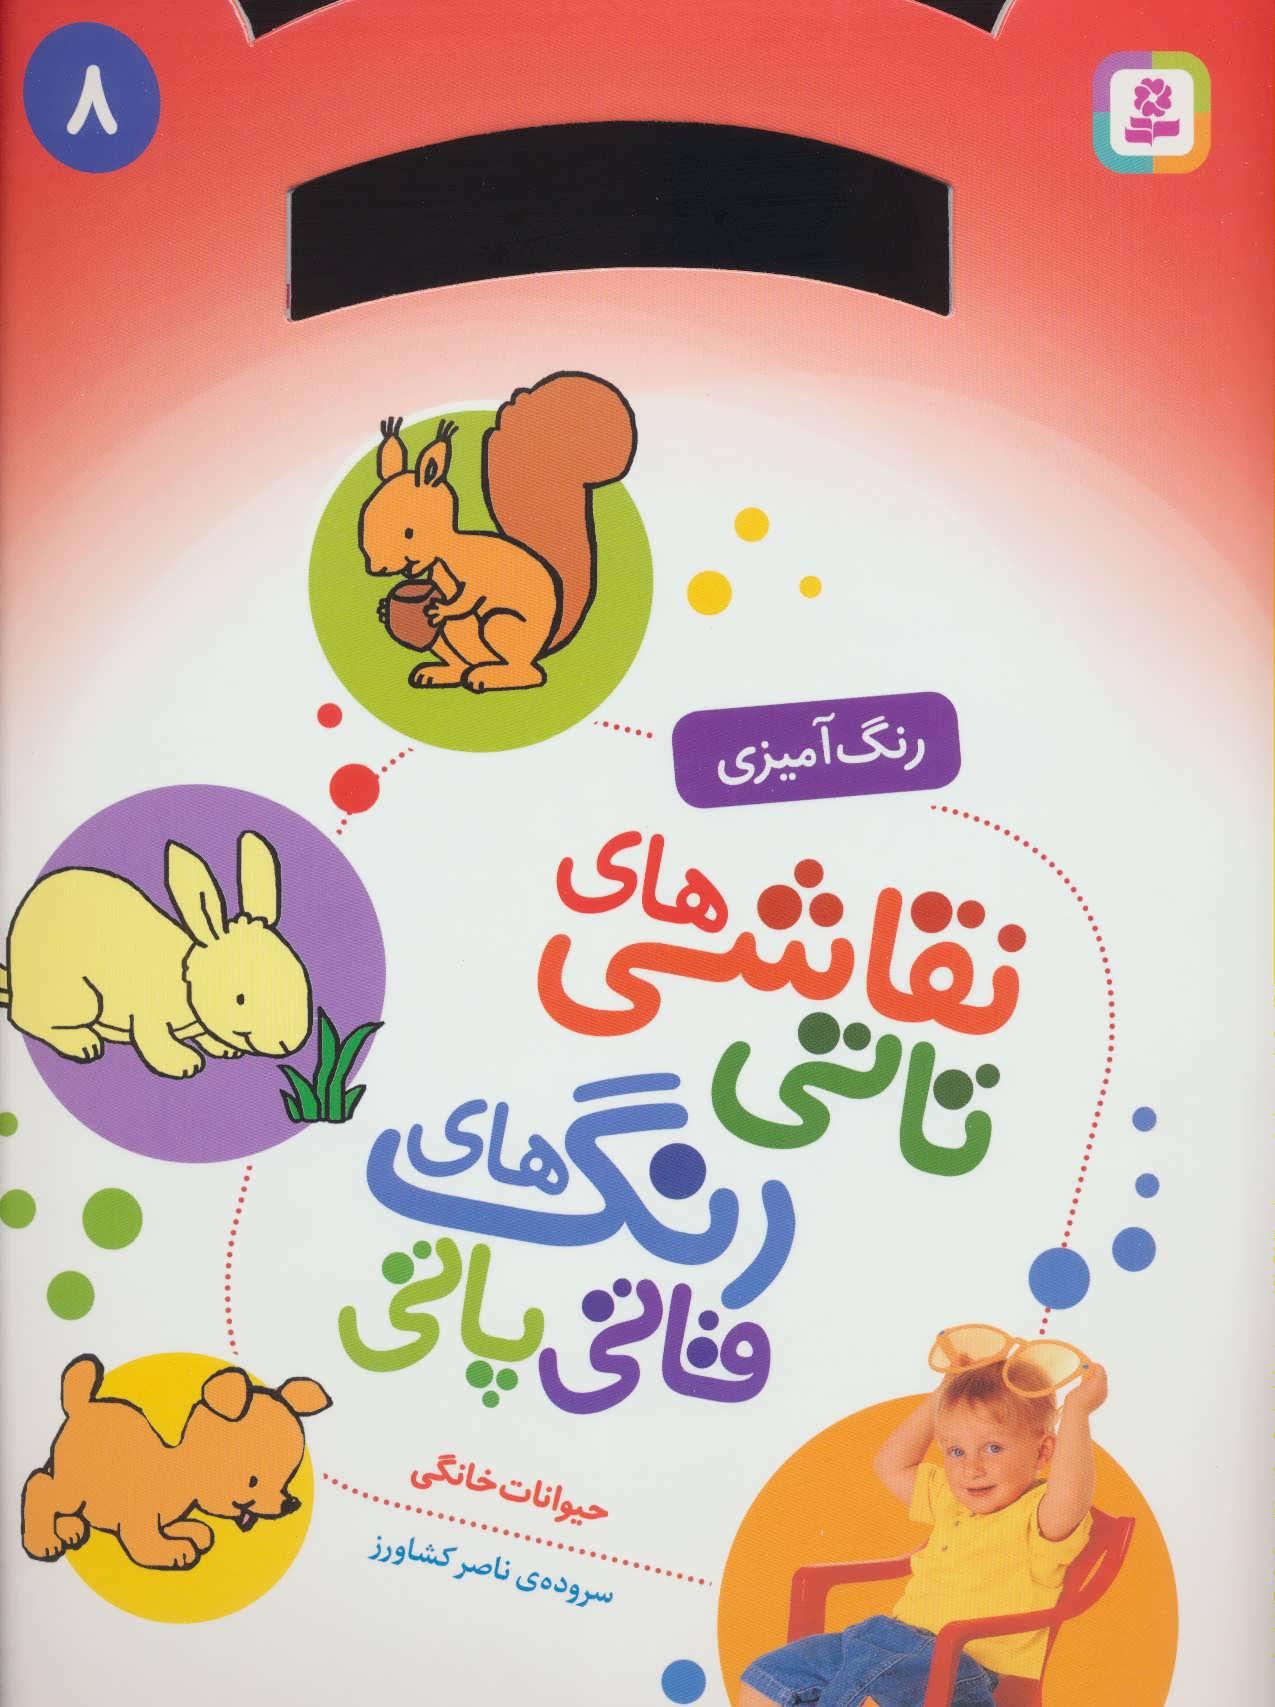 نقاشی های تاتی رنگ های قاتی پاتی 8 (حیوانات خانگی)